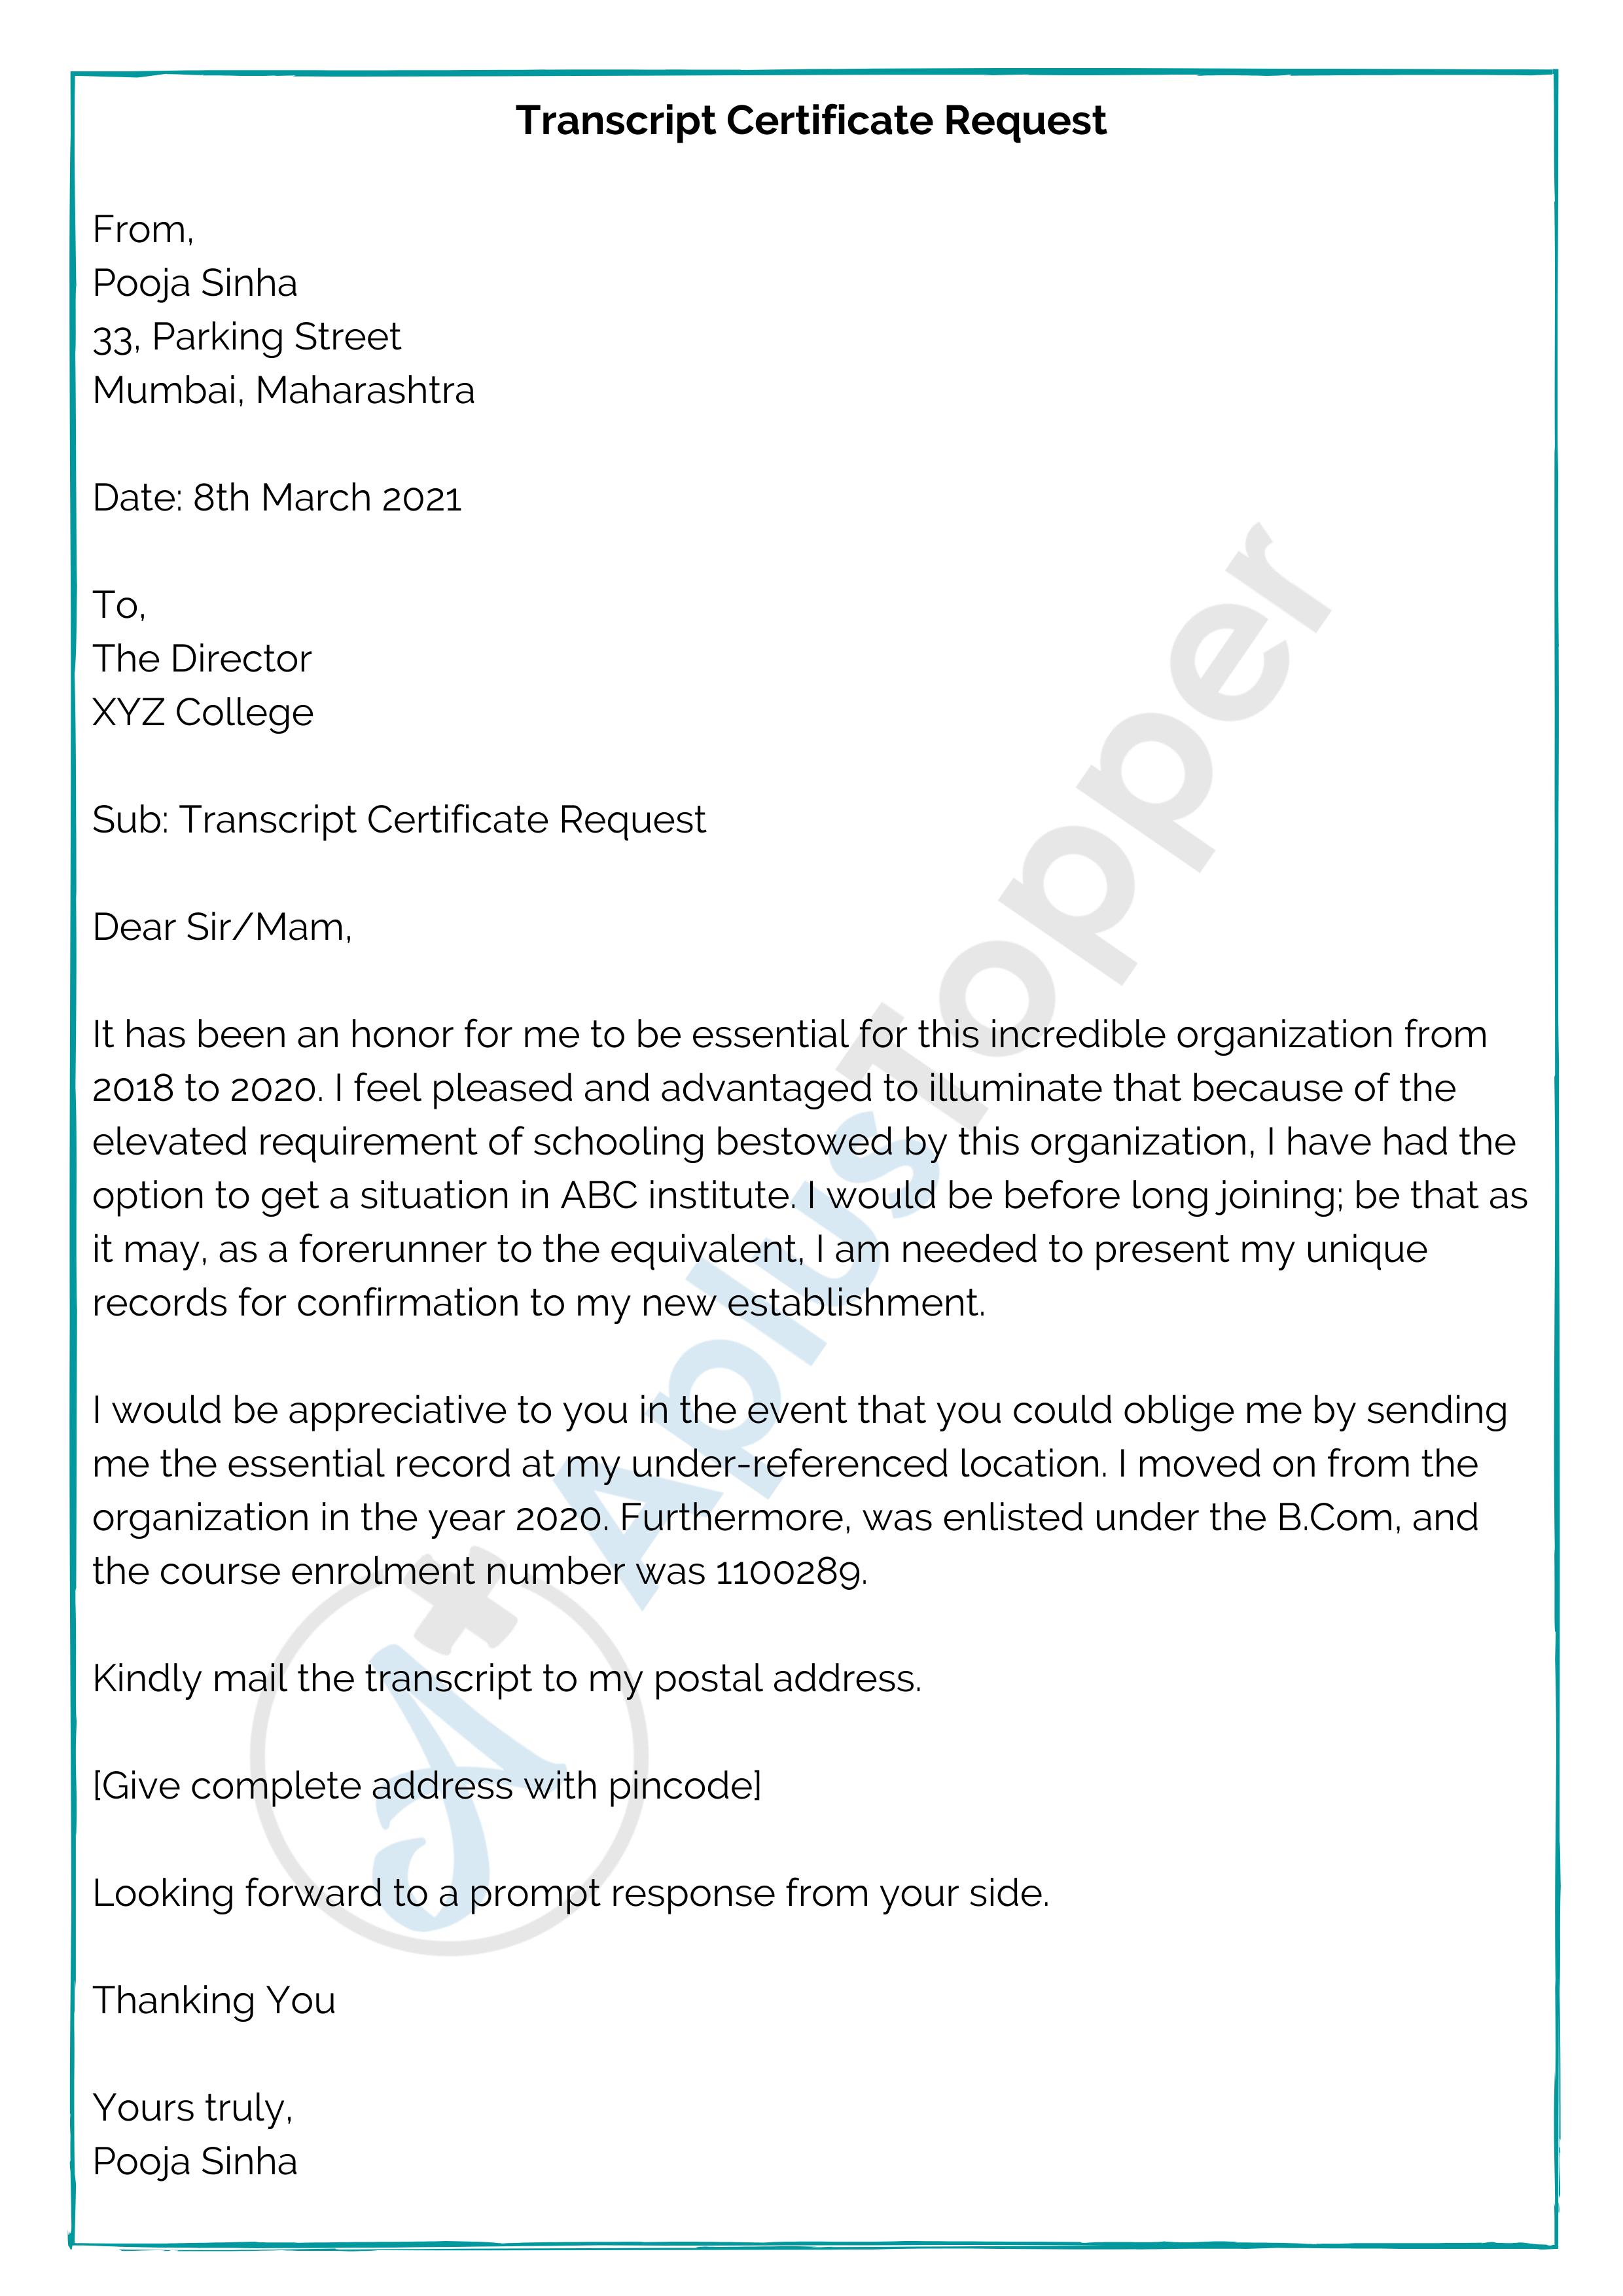 Transcript Certificate Request